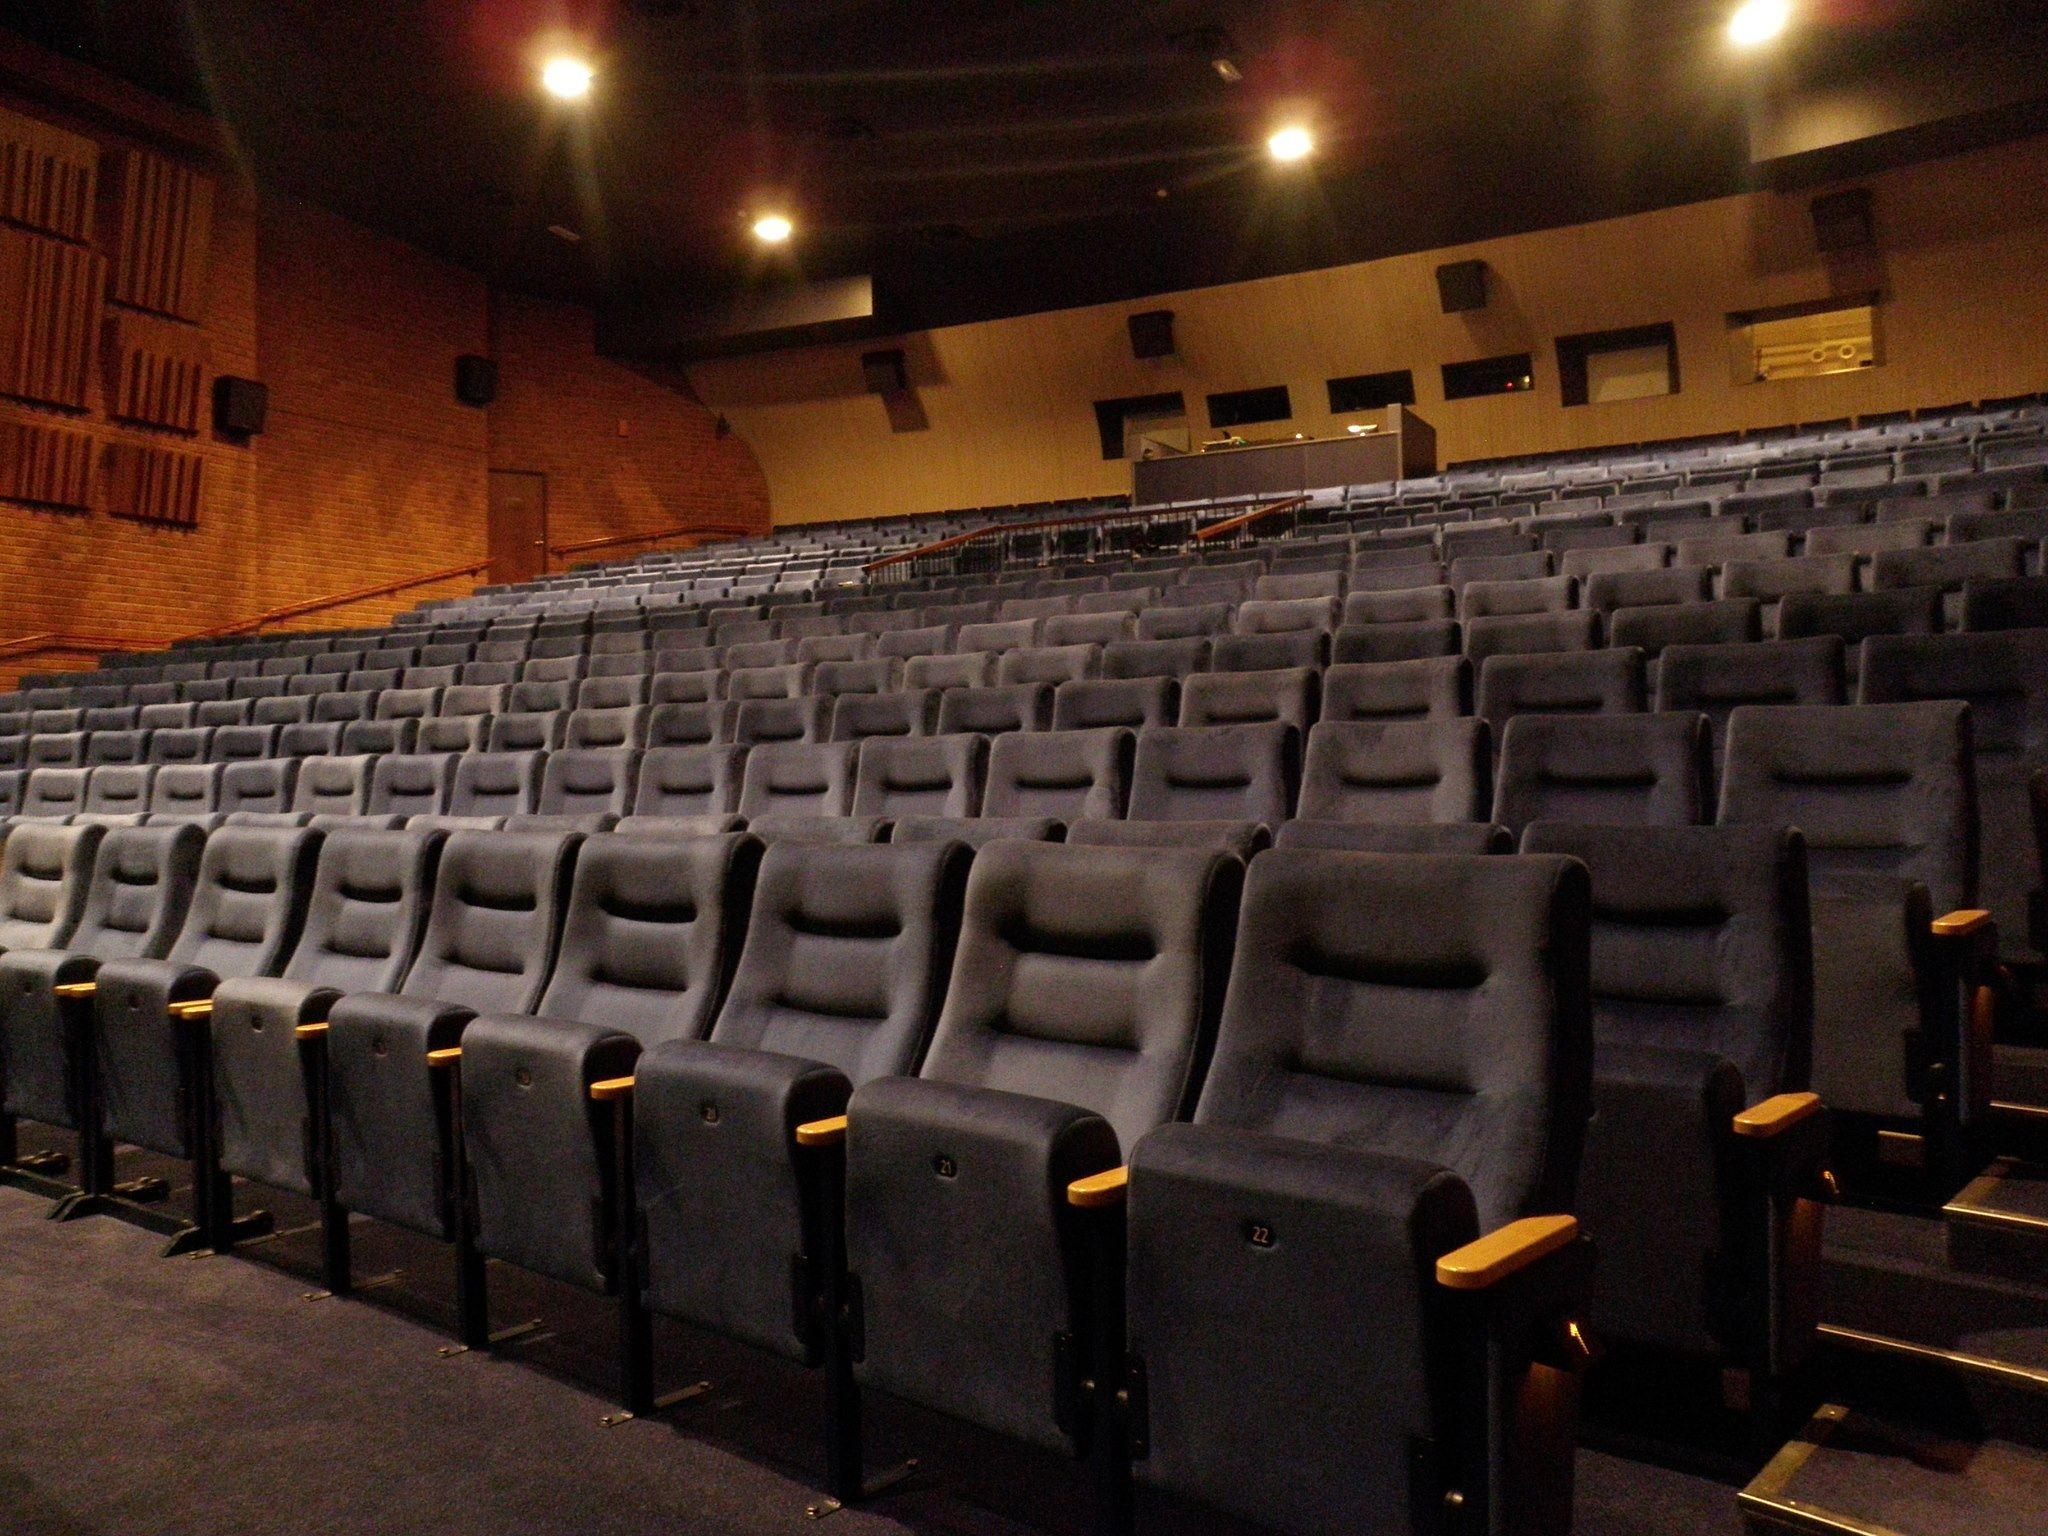 Södertälje Filmstudio: I hetaste laget